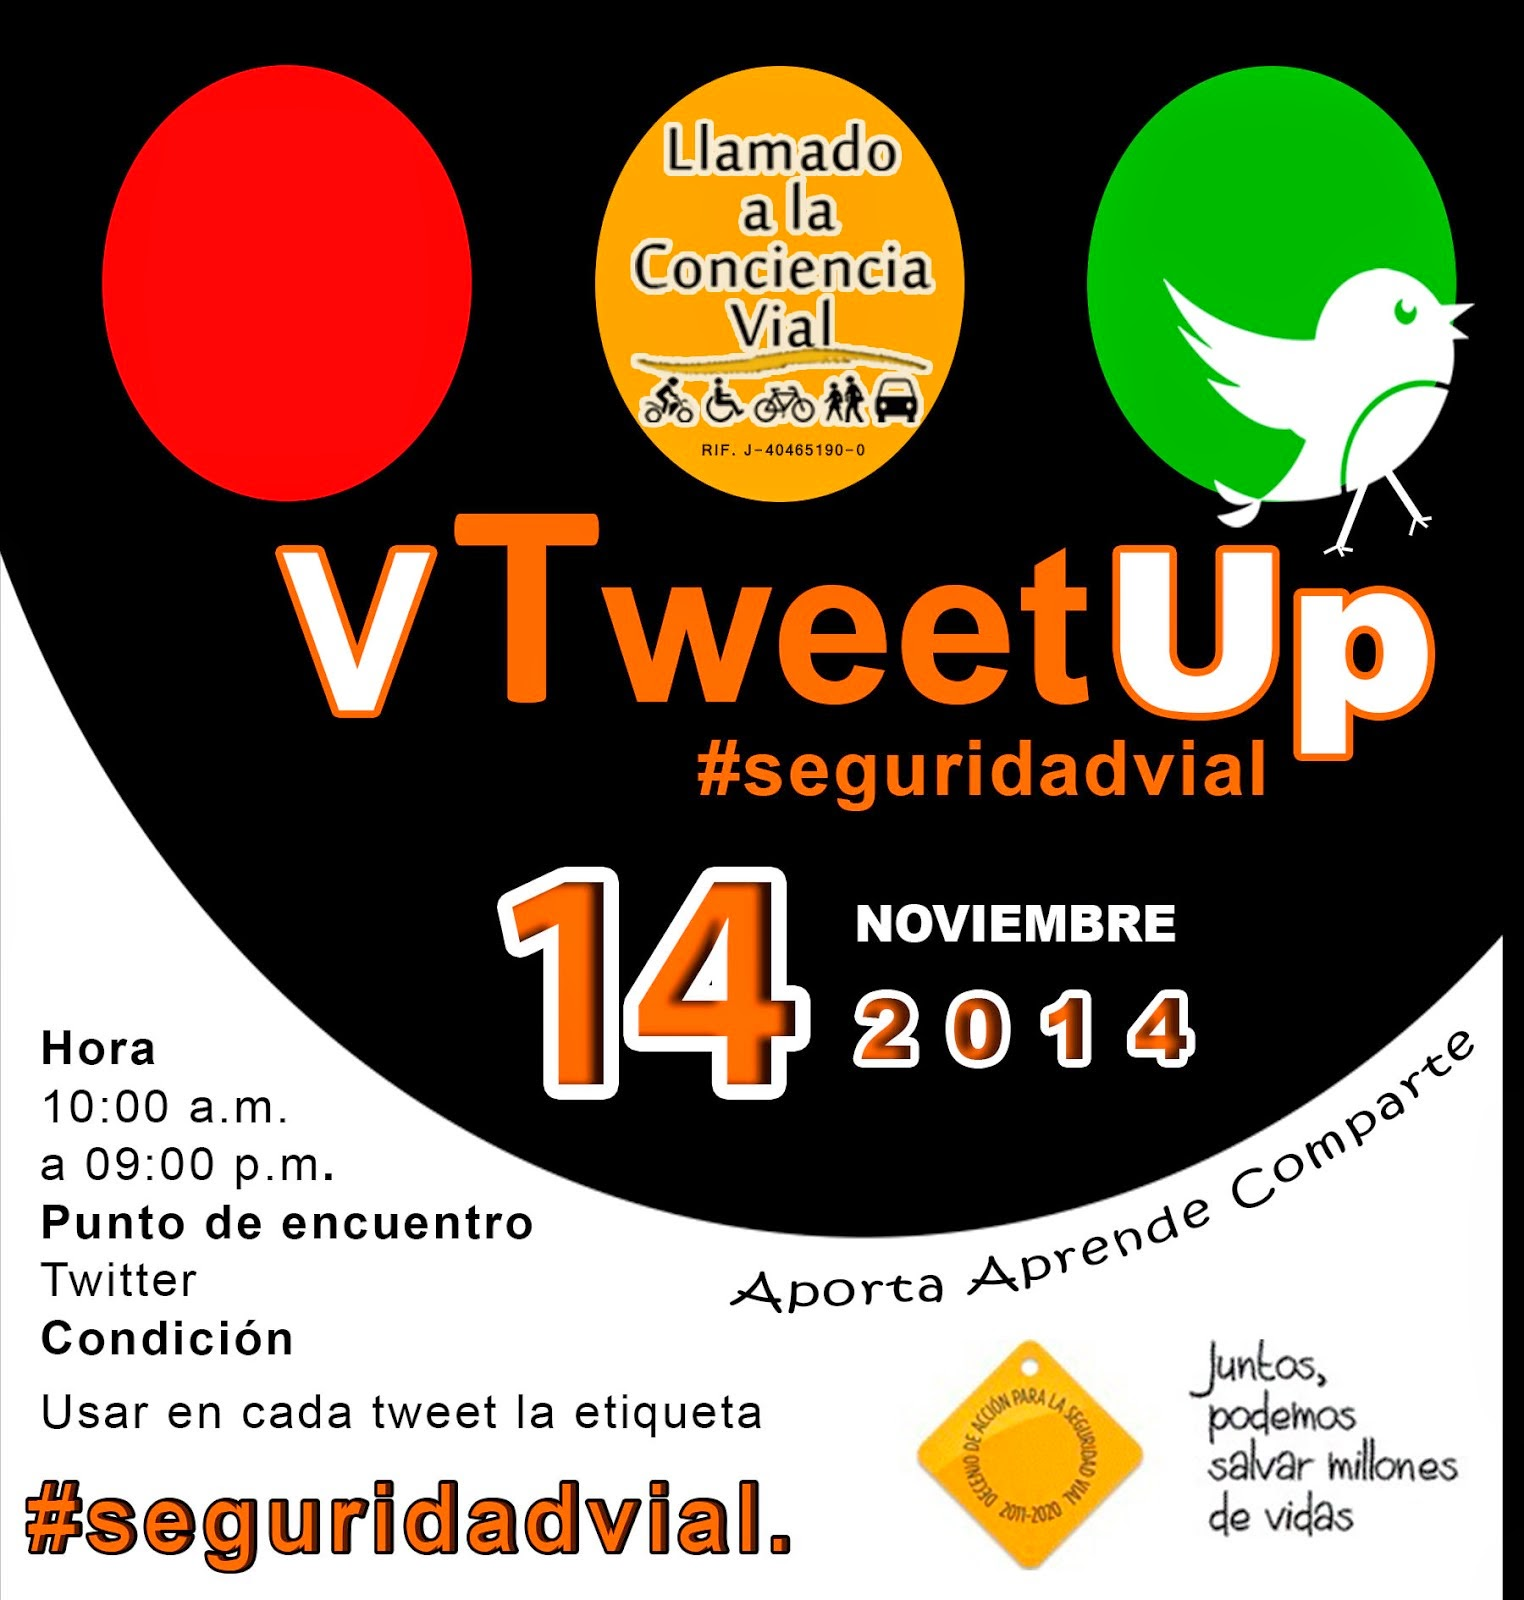 V TweetUp #SeguridadVial